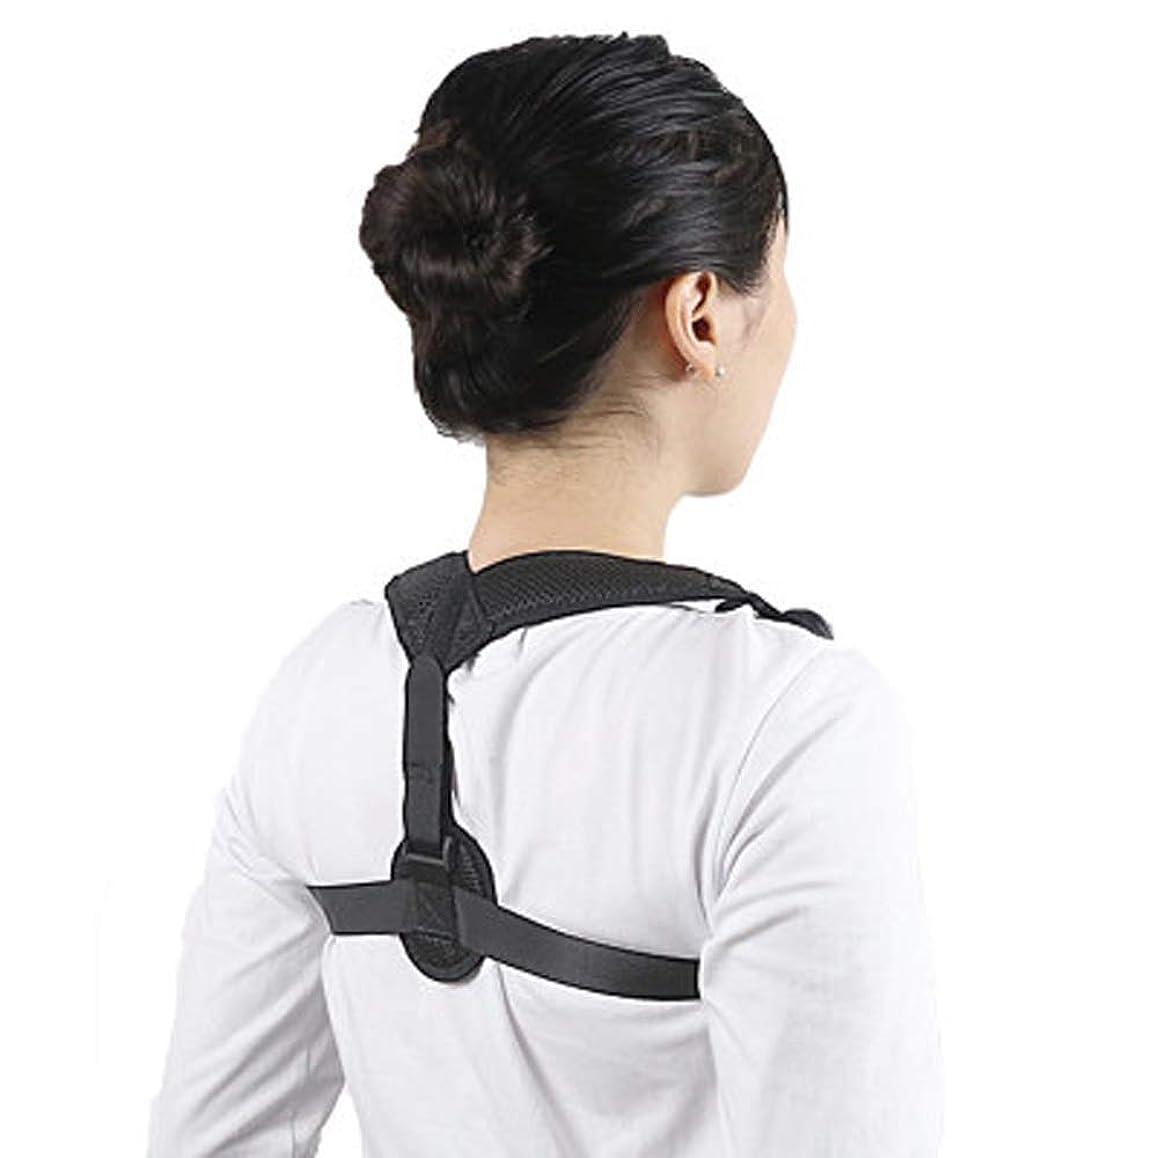 飽和するパズル批判的にMILUCE 姿勢補正器-調整可能な姿勢装具矯正脊椎サポートは、成人男性と女性、昼下がりの群衆を矯正するために使用されます